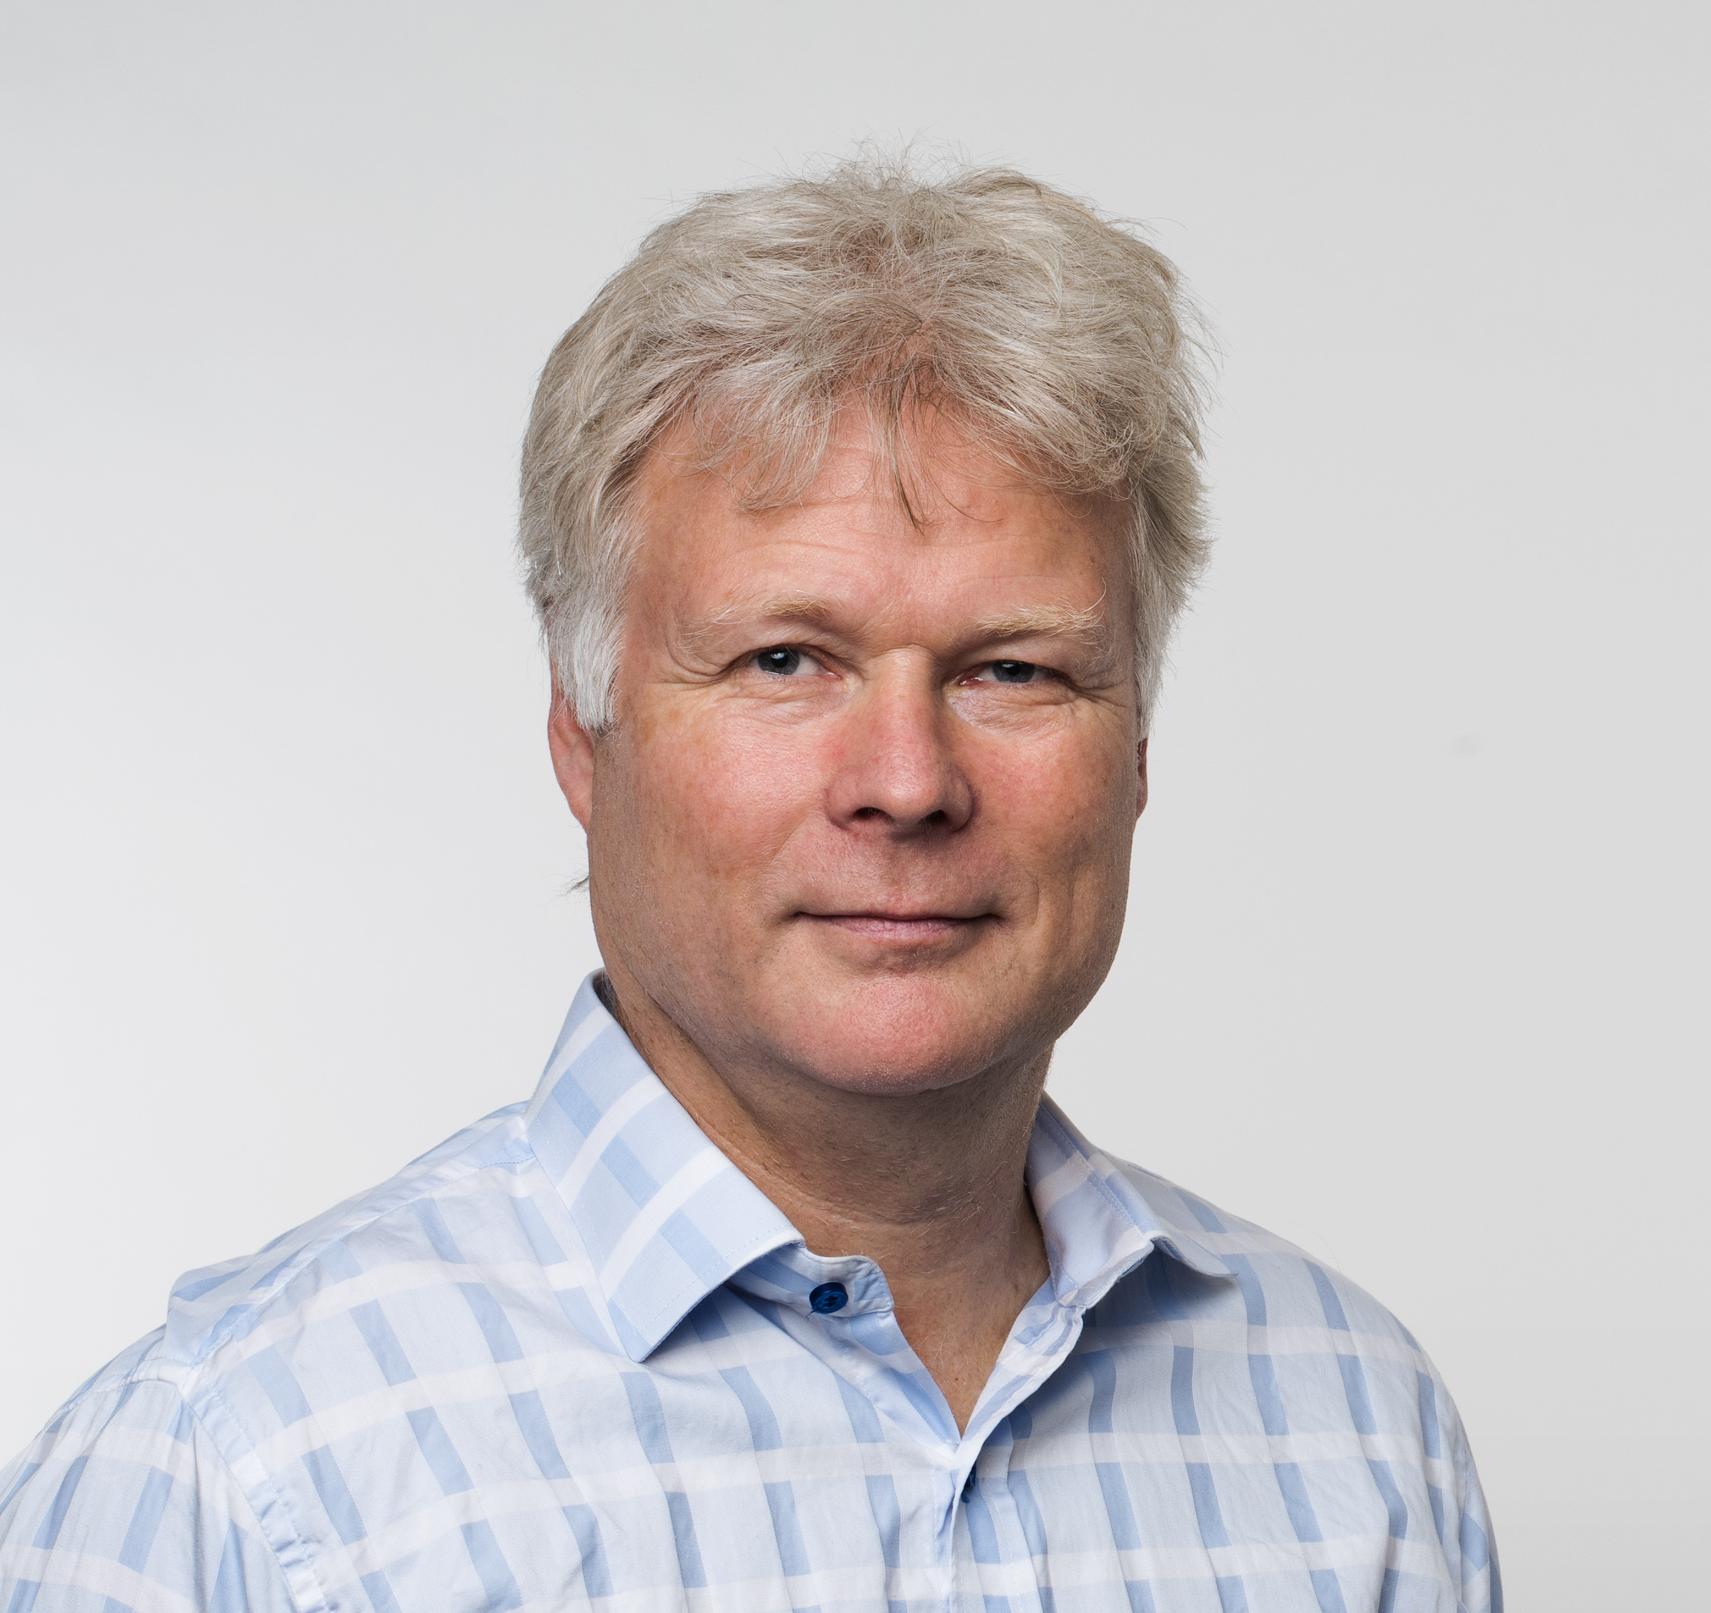 Administrerende direktør i Future Production, Torstein Bringa, leder et selskap i vekst.